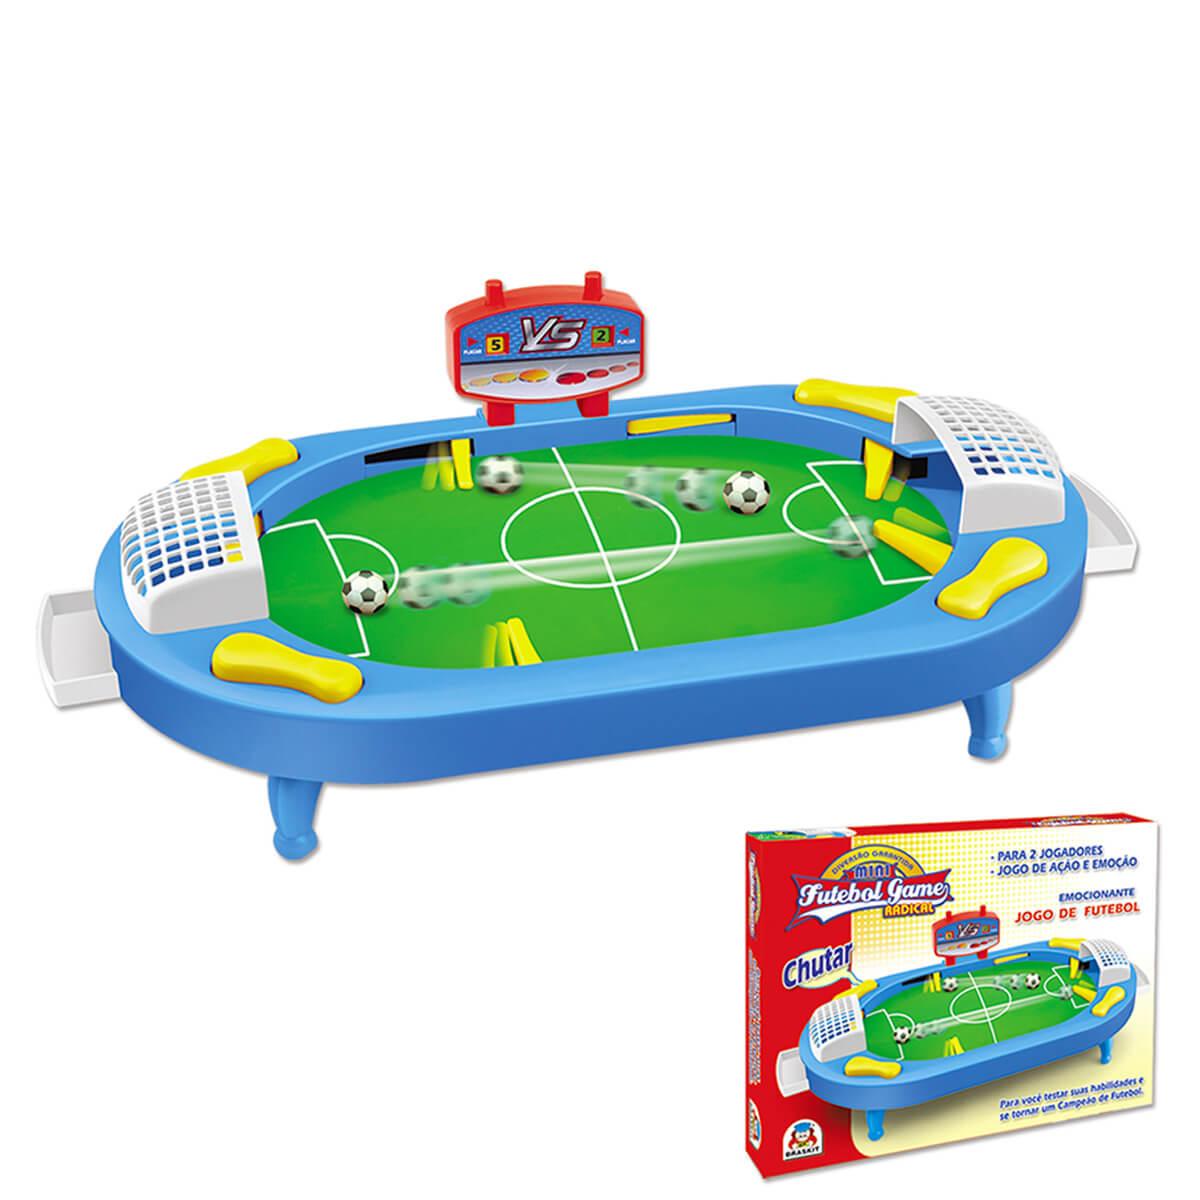 Jogo Mini Mesa Futebol Game 2106